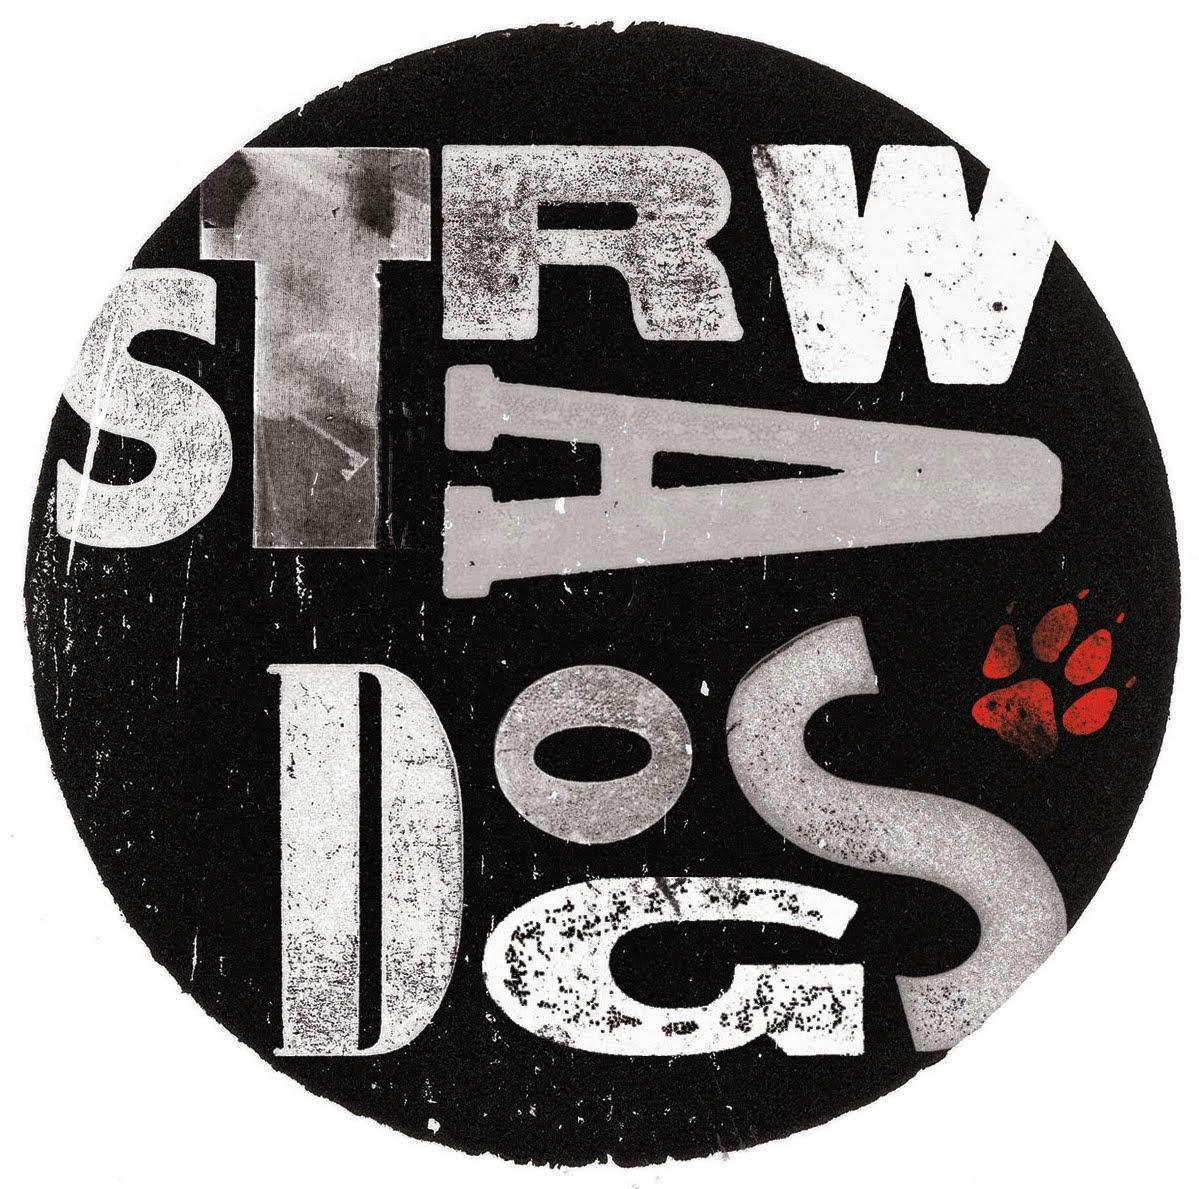 Straw Dogs Magazine